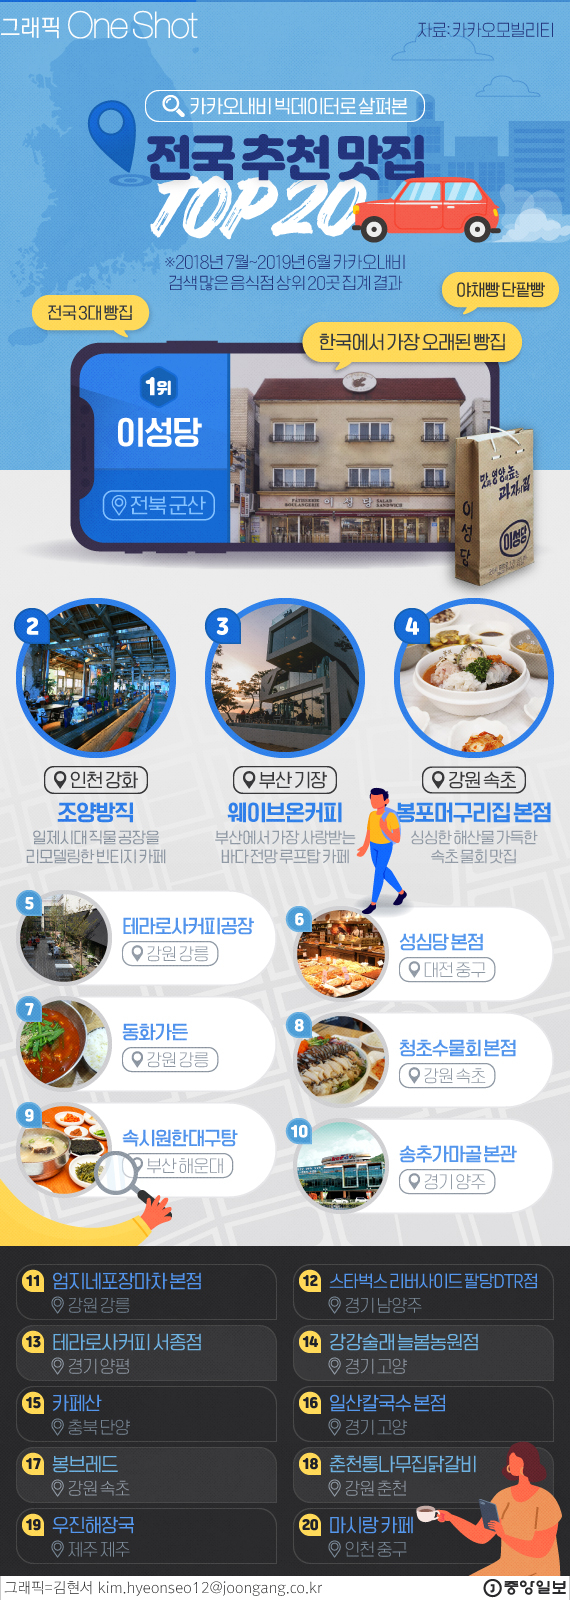 카카오 내비가 알려주는 맛집 TOP 20.